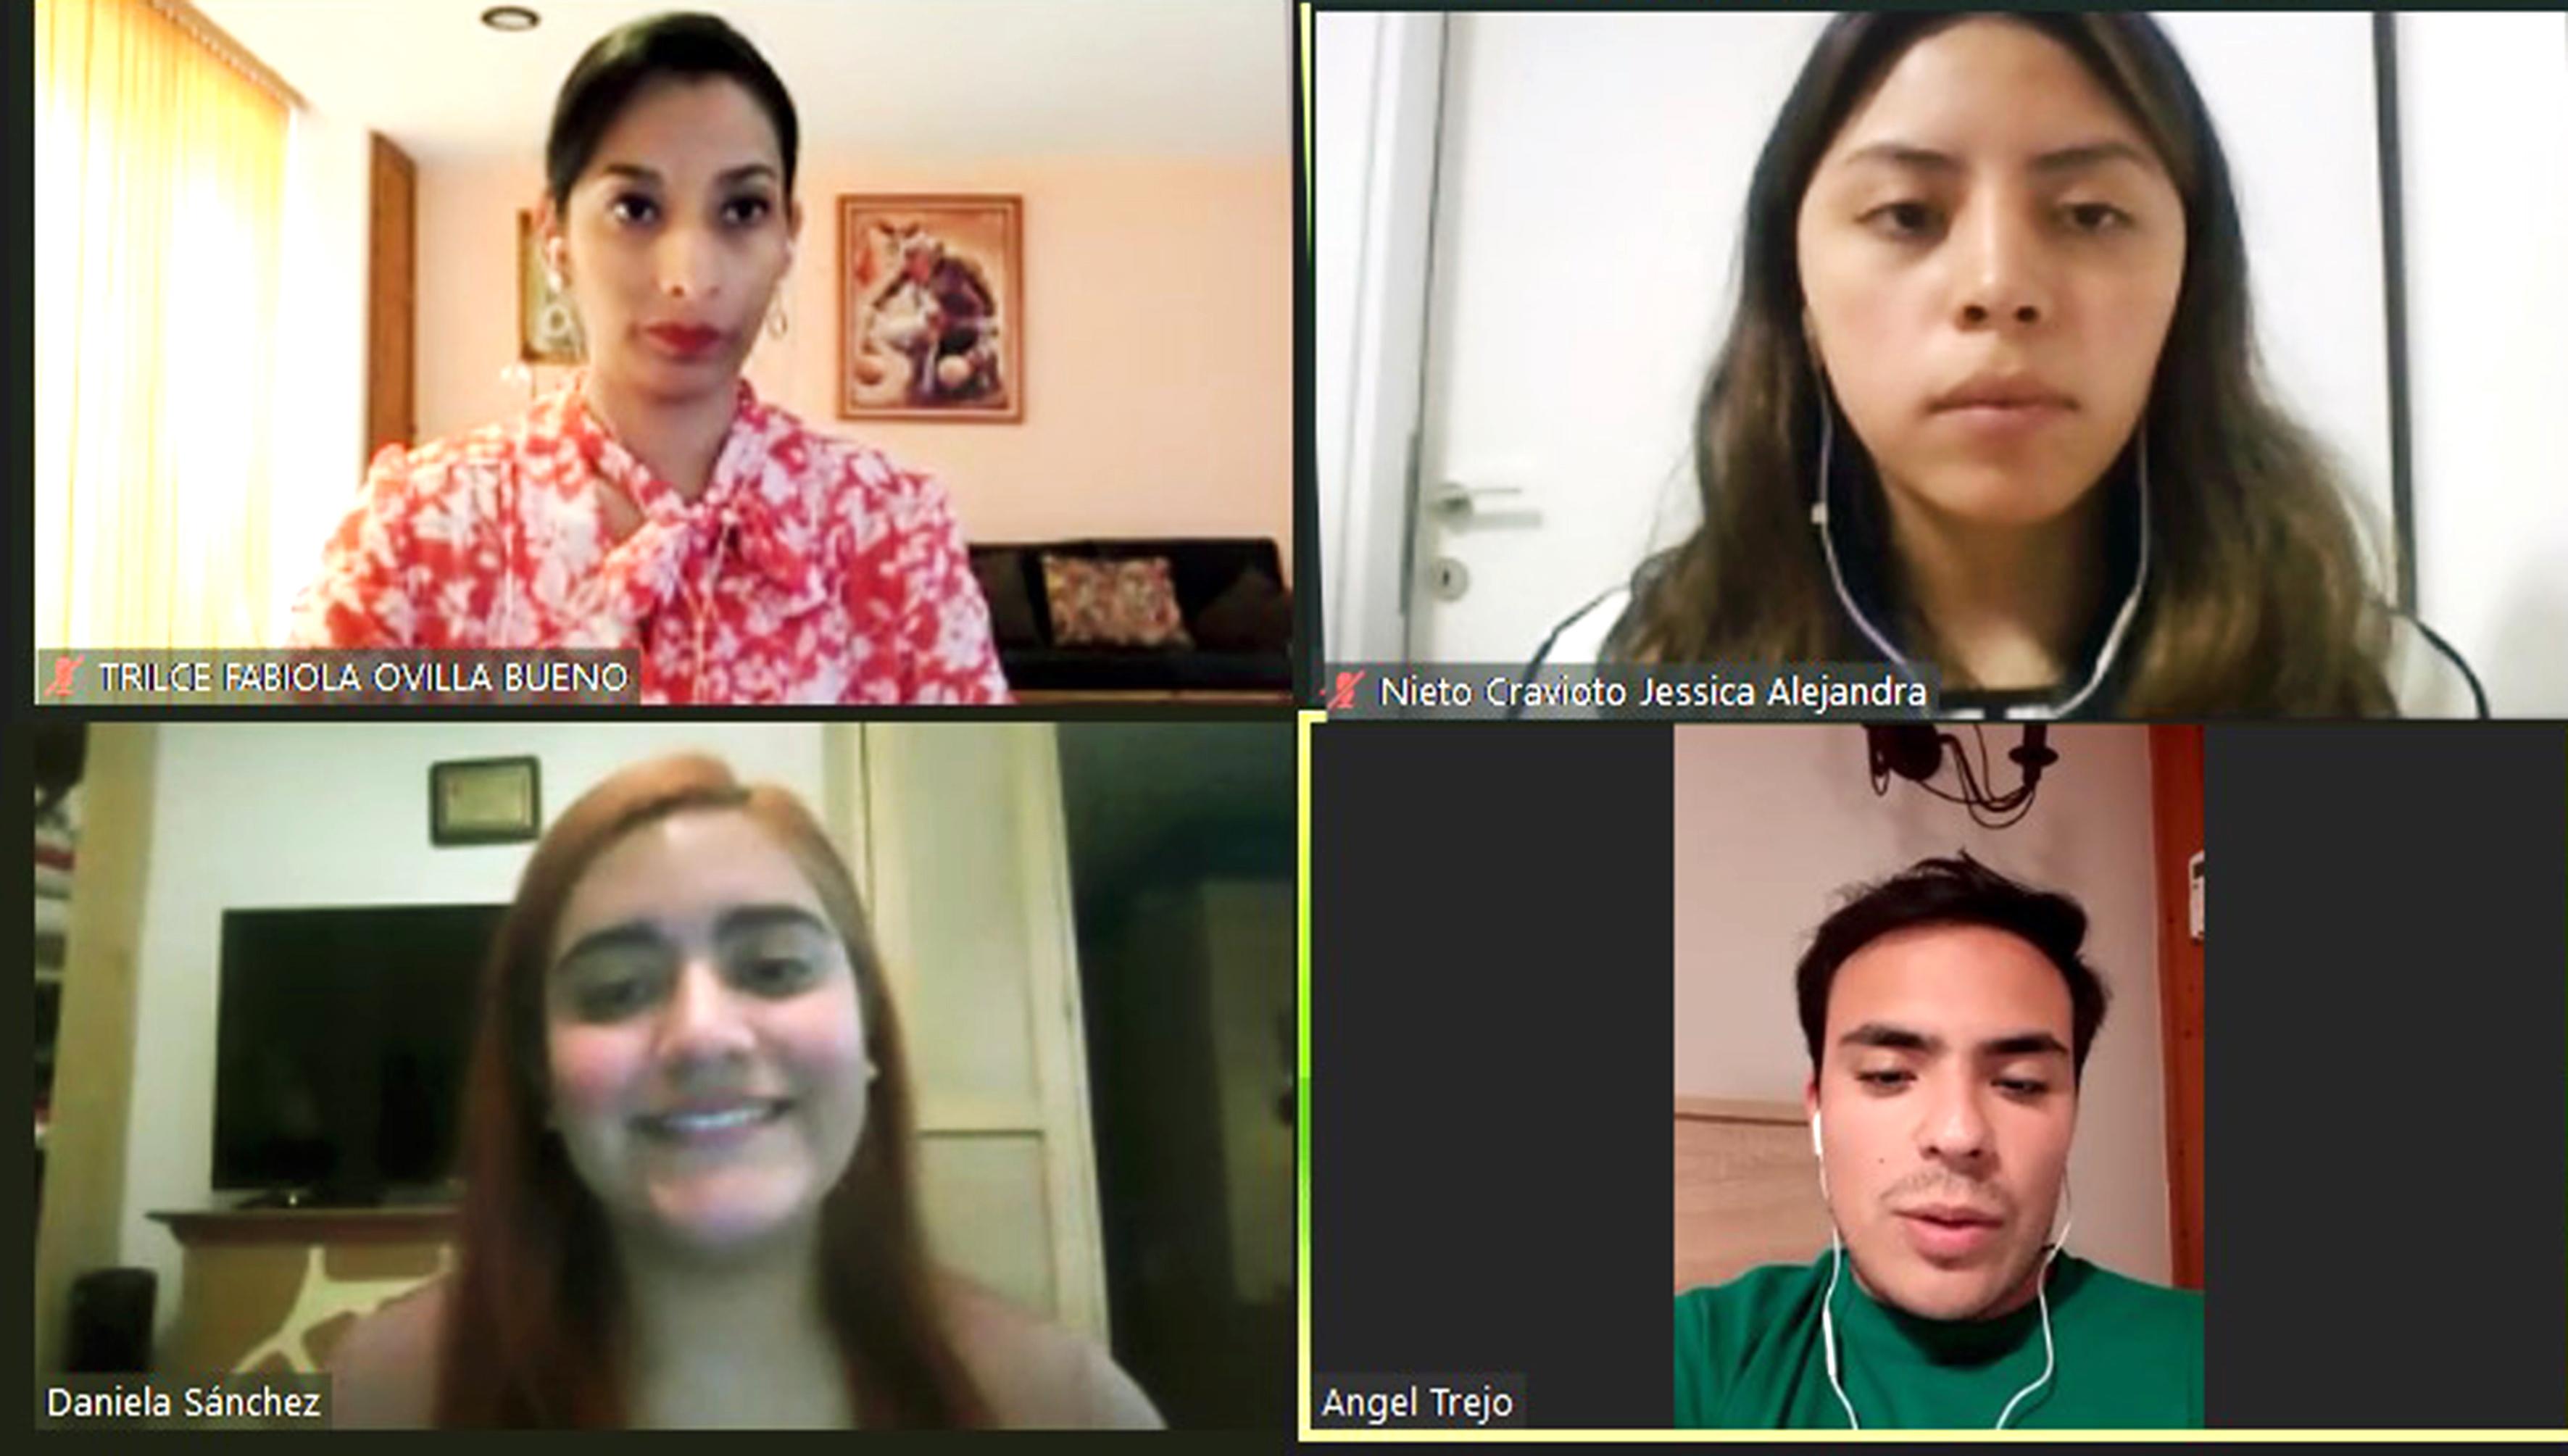 Trilce Fabiola Ovilla Bueno, Jessica Alejandra Nieto, Daniela Sánchez Monroy Ángel Trejo Munguía, los representantes de la Facultad de Derecho UNAM, en el concurso de derecho internacional universitario, en Durrës, Albania.